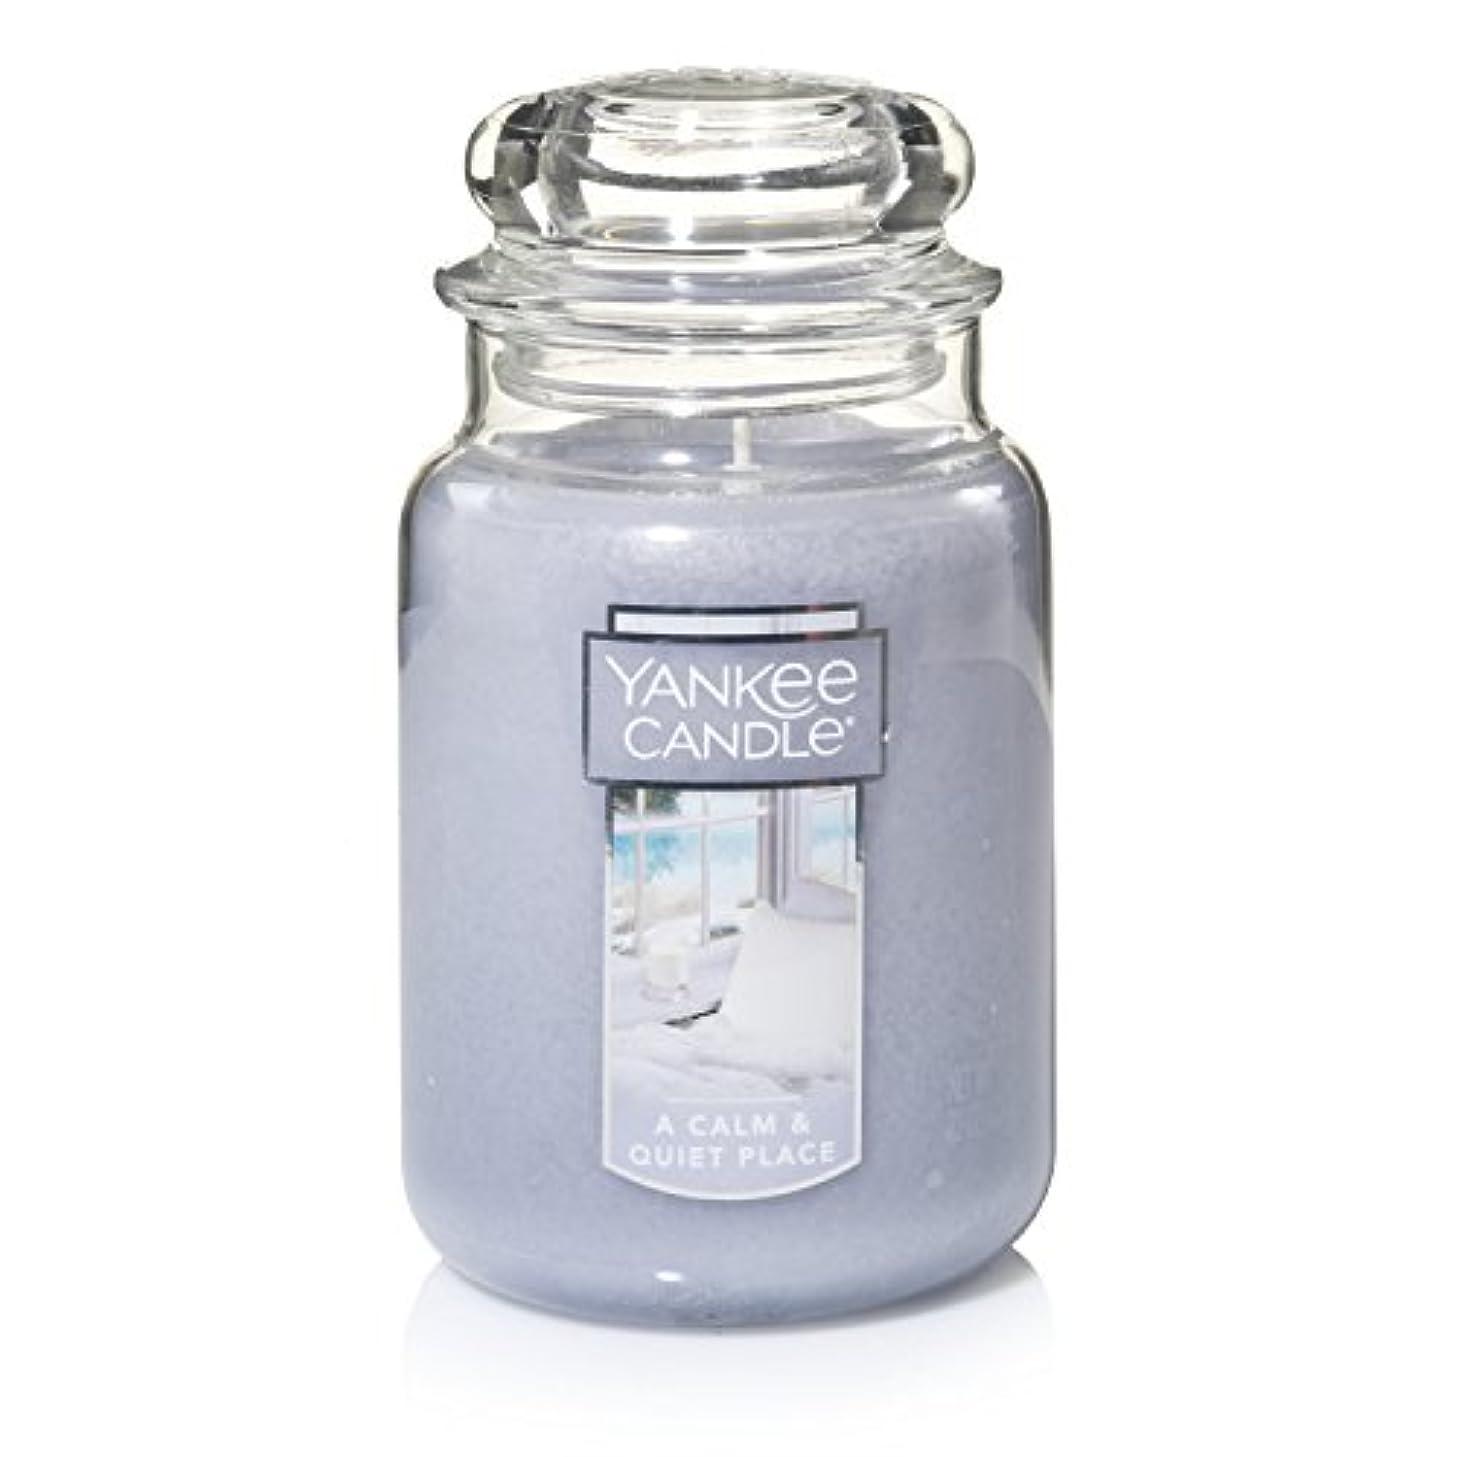 湿った男性梨Yankee Candle A Calm & Quiet Place Jar Candle , Large